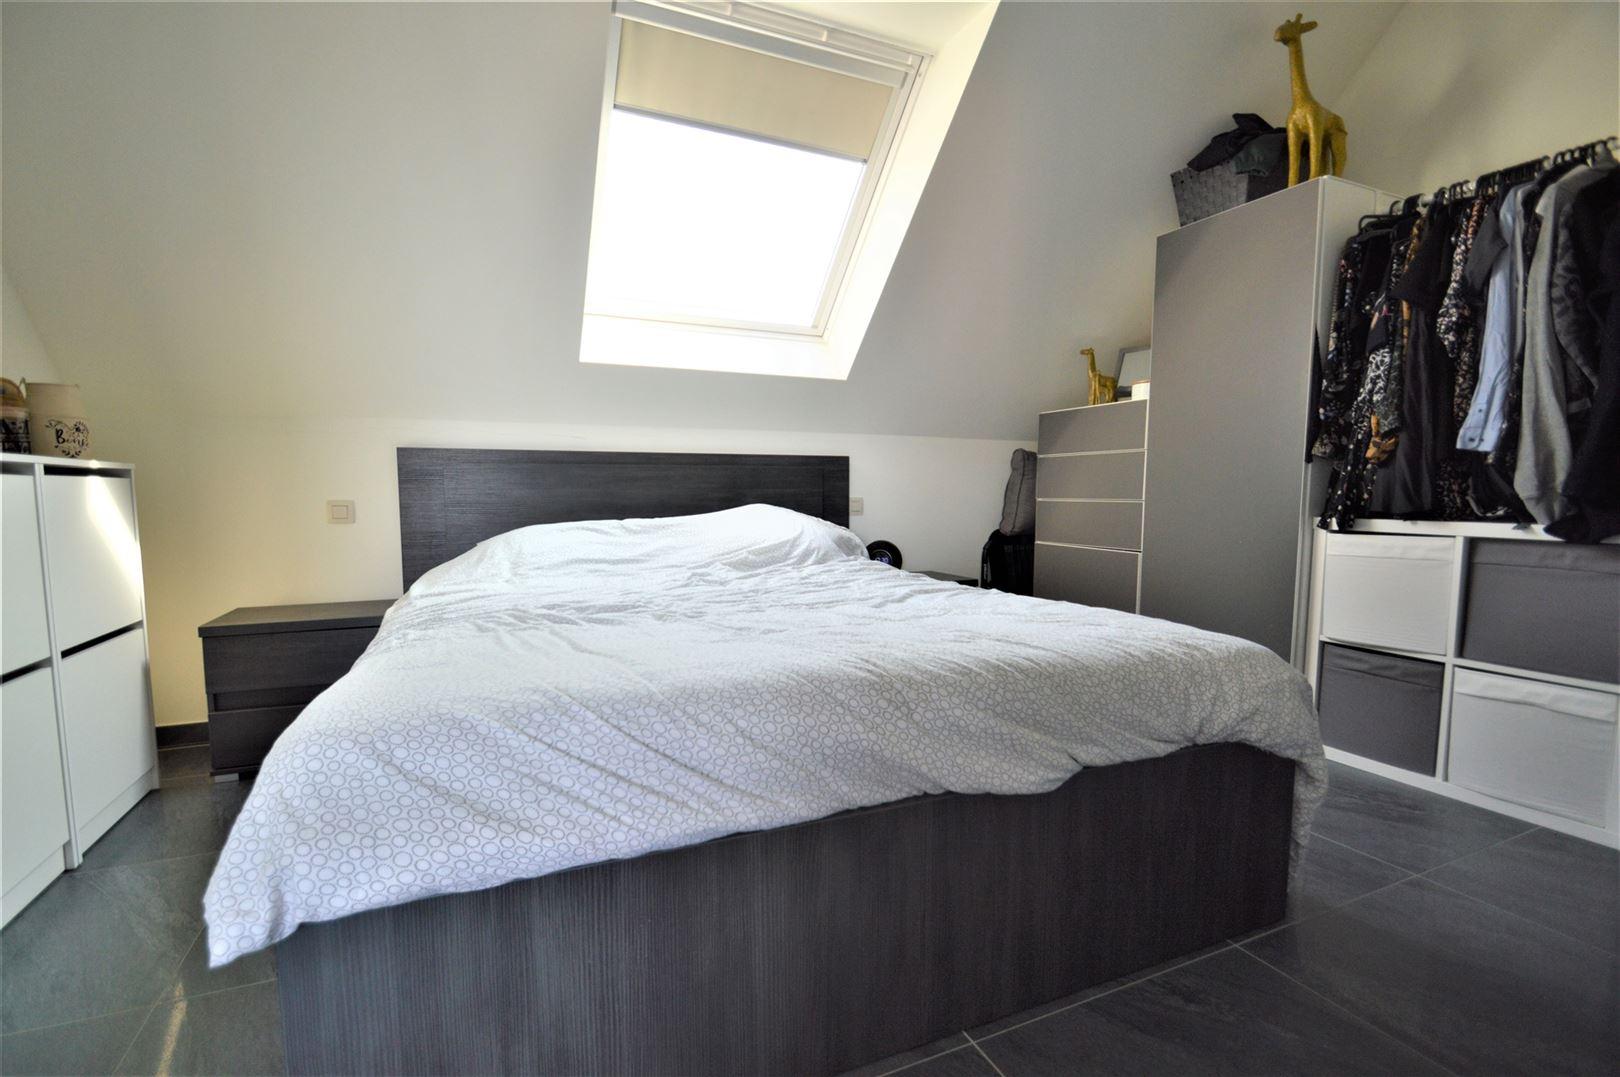 Foto 10 : Appartement te 9255 Buggenhout (België) - Prijs € 660